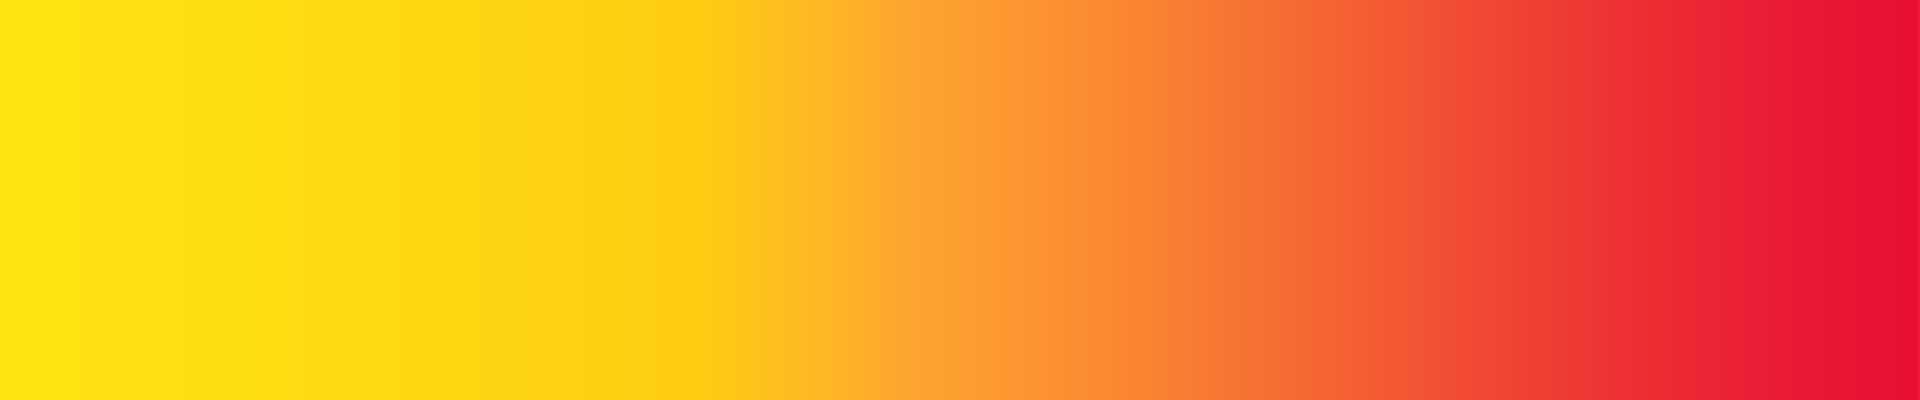 gelb, pfirsich, orange